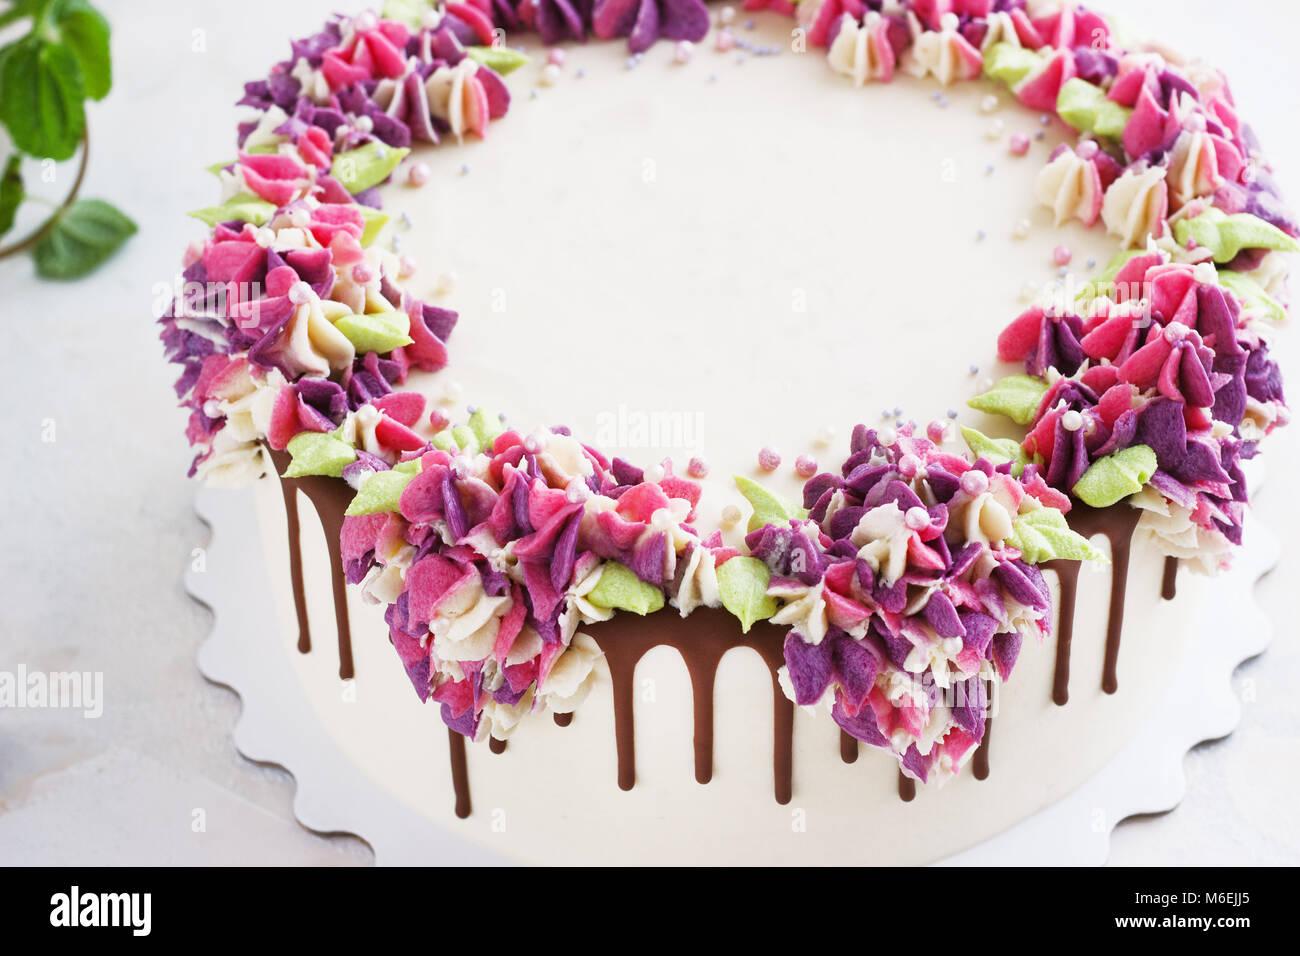 Festliche Kuchen mit cremefarbenen Blüten Hortensie auf einem hellen Hintergrund Stockbild